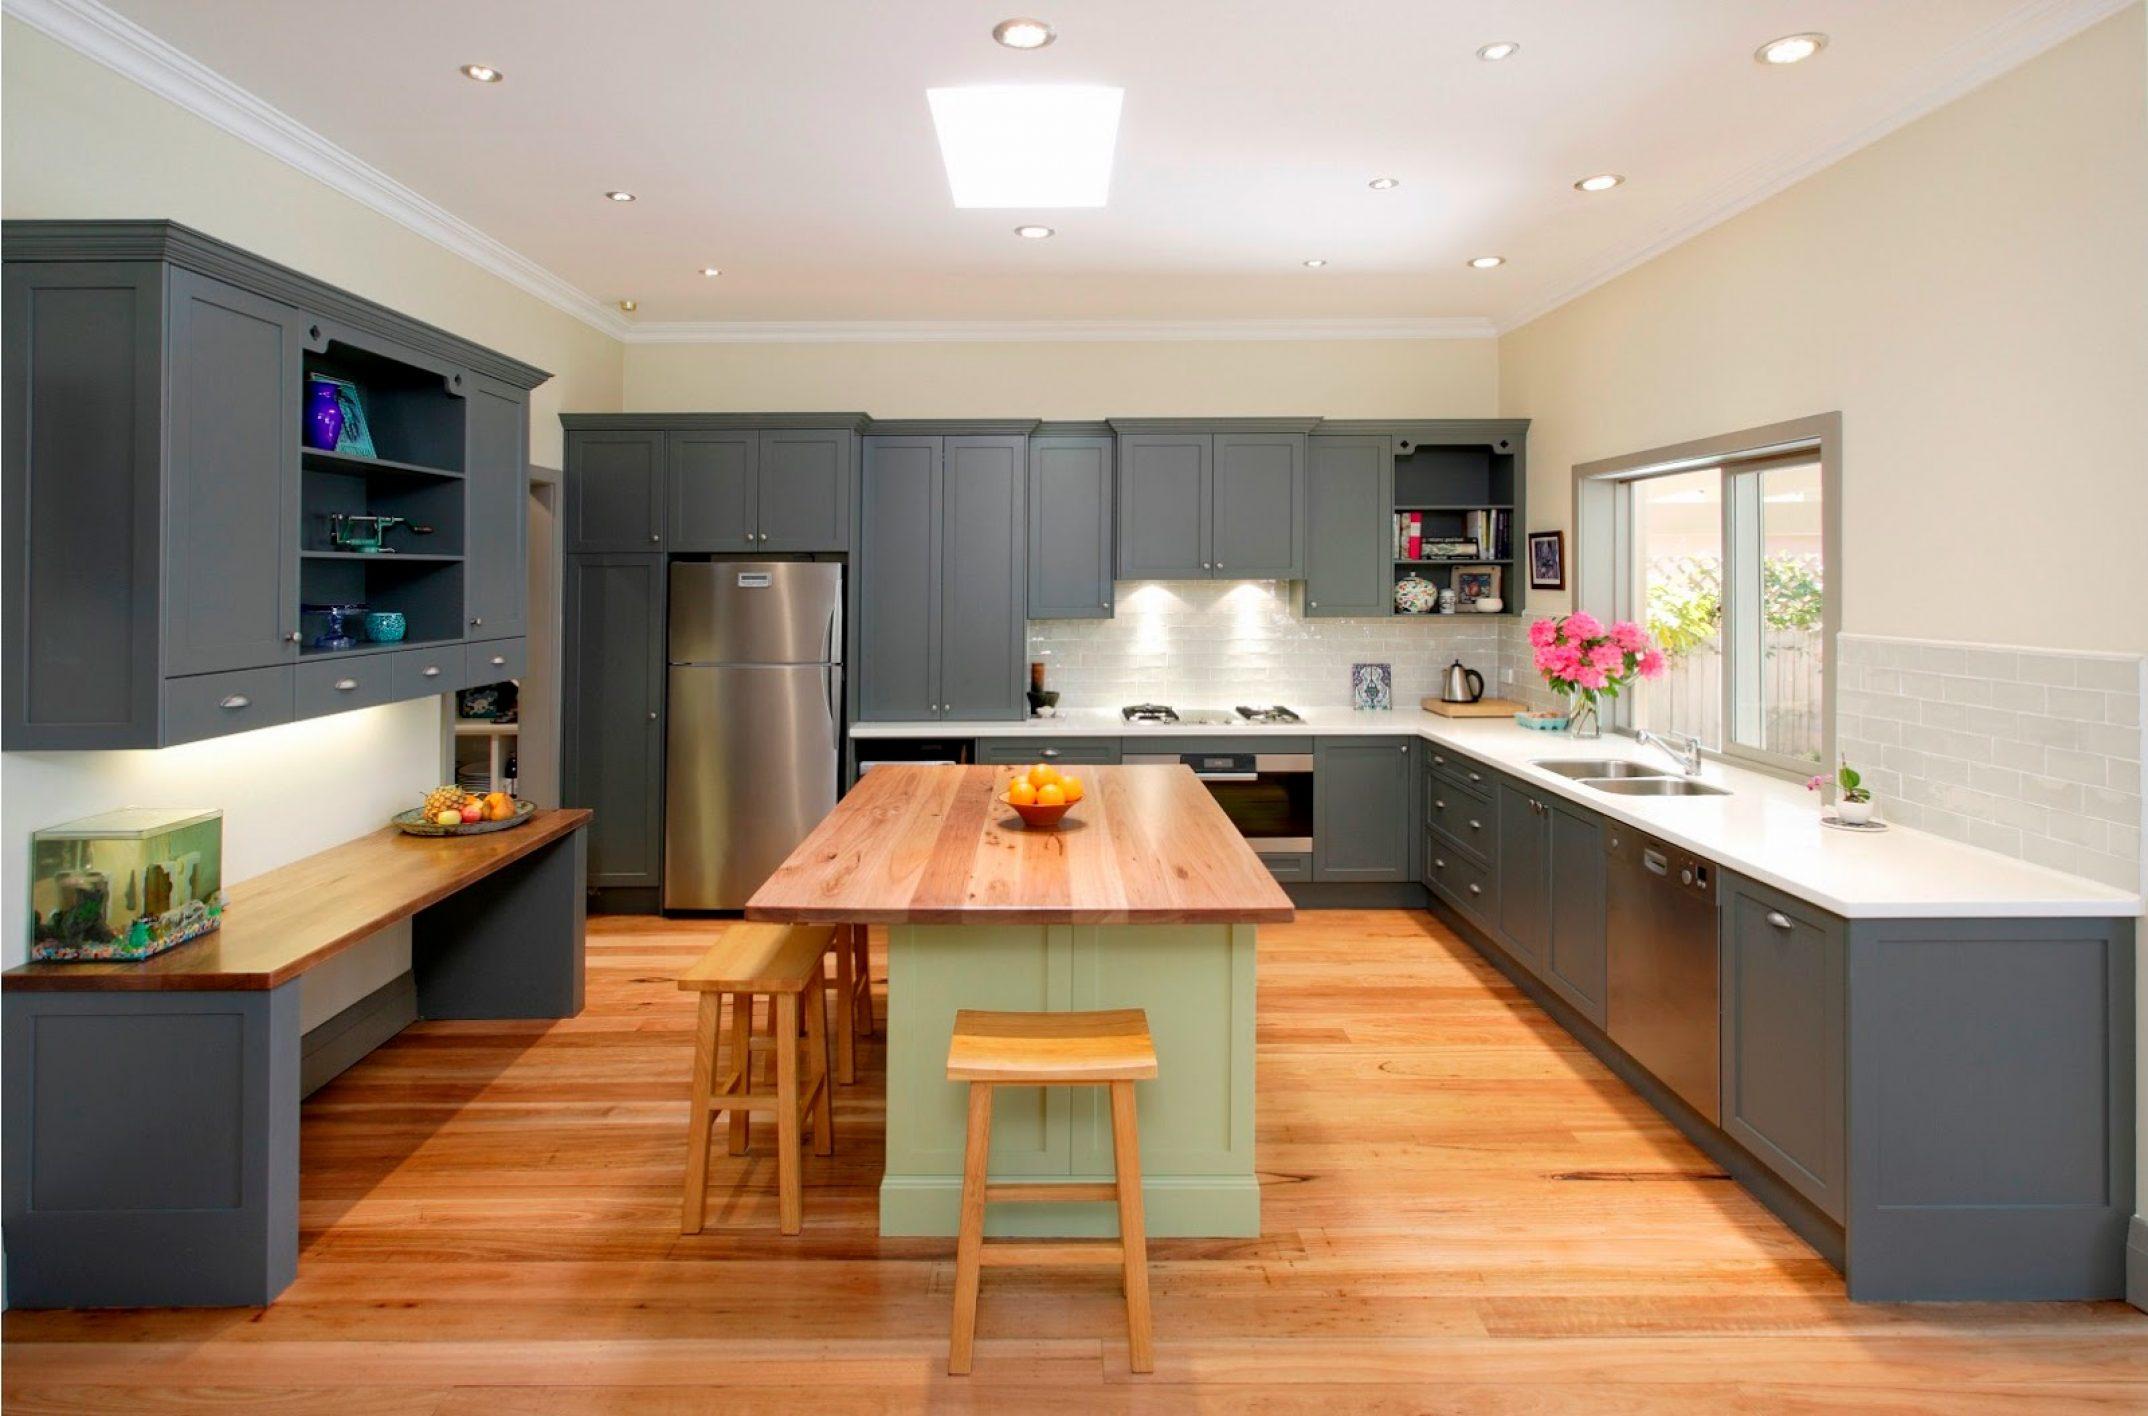 Des travaux dans votre maison : des conseils si vous souhaitez les réaliser vous-même